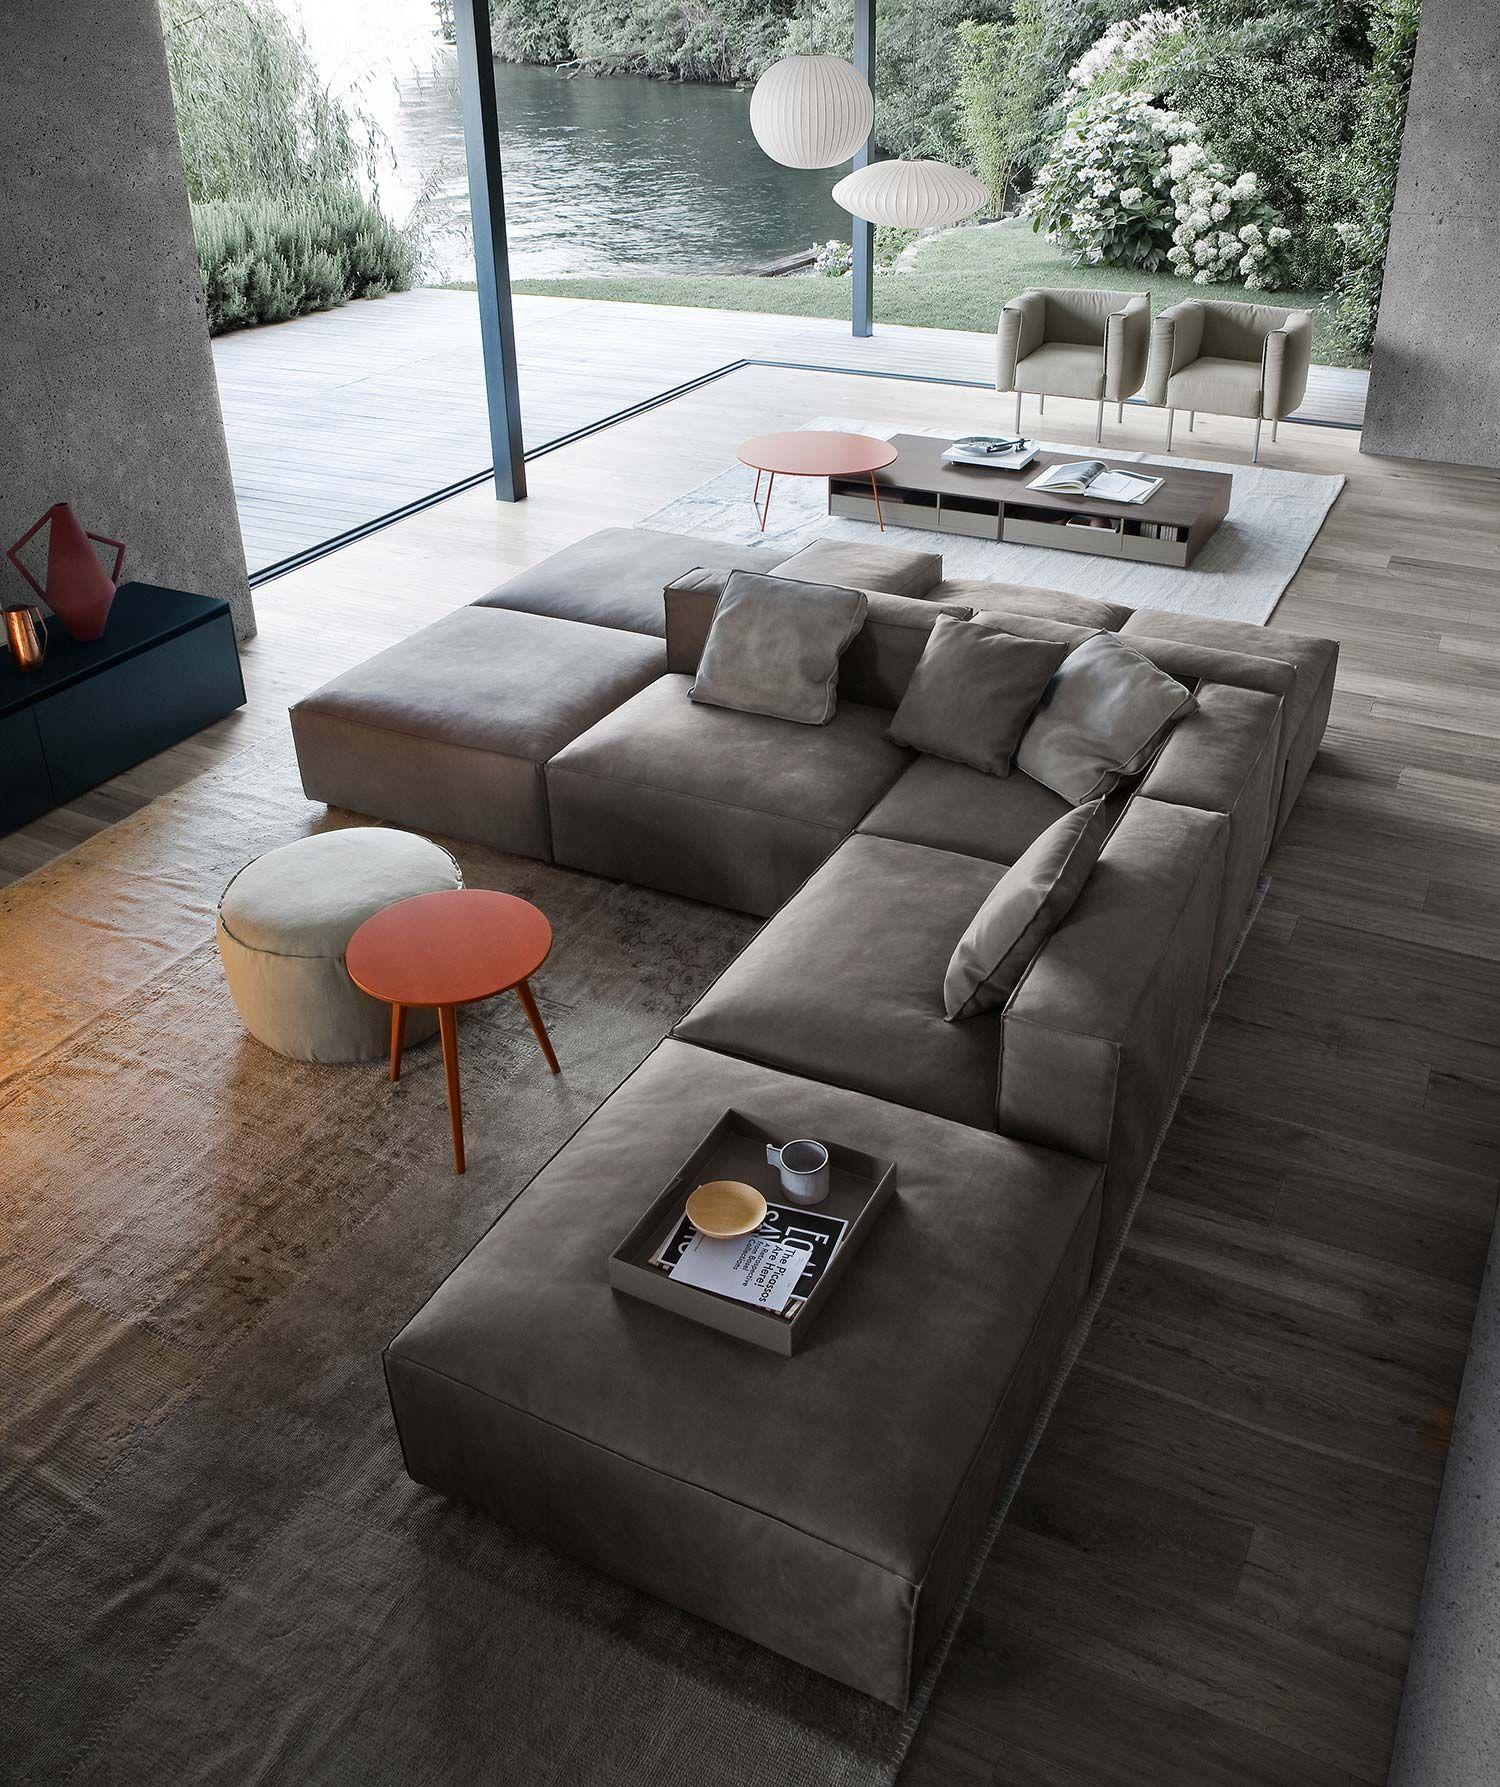 Sofas richtig im wohnzimmer platzieren wohnen for Minimalistische wohnungseinrichtung